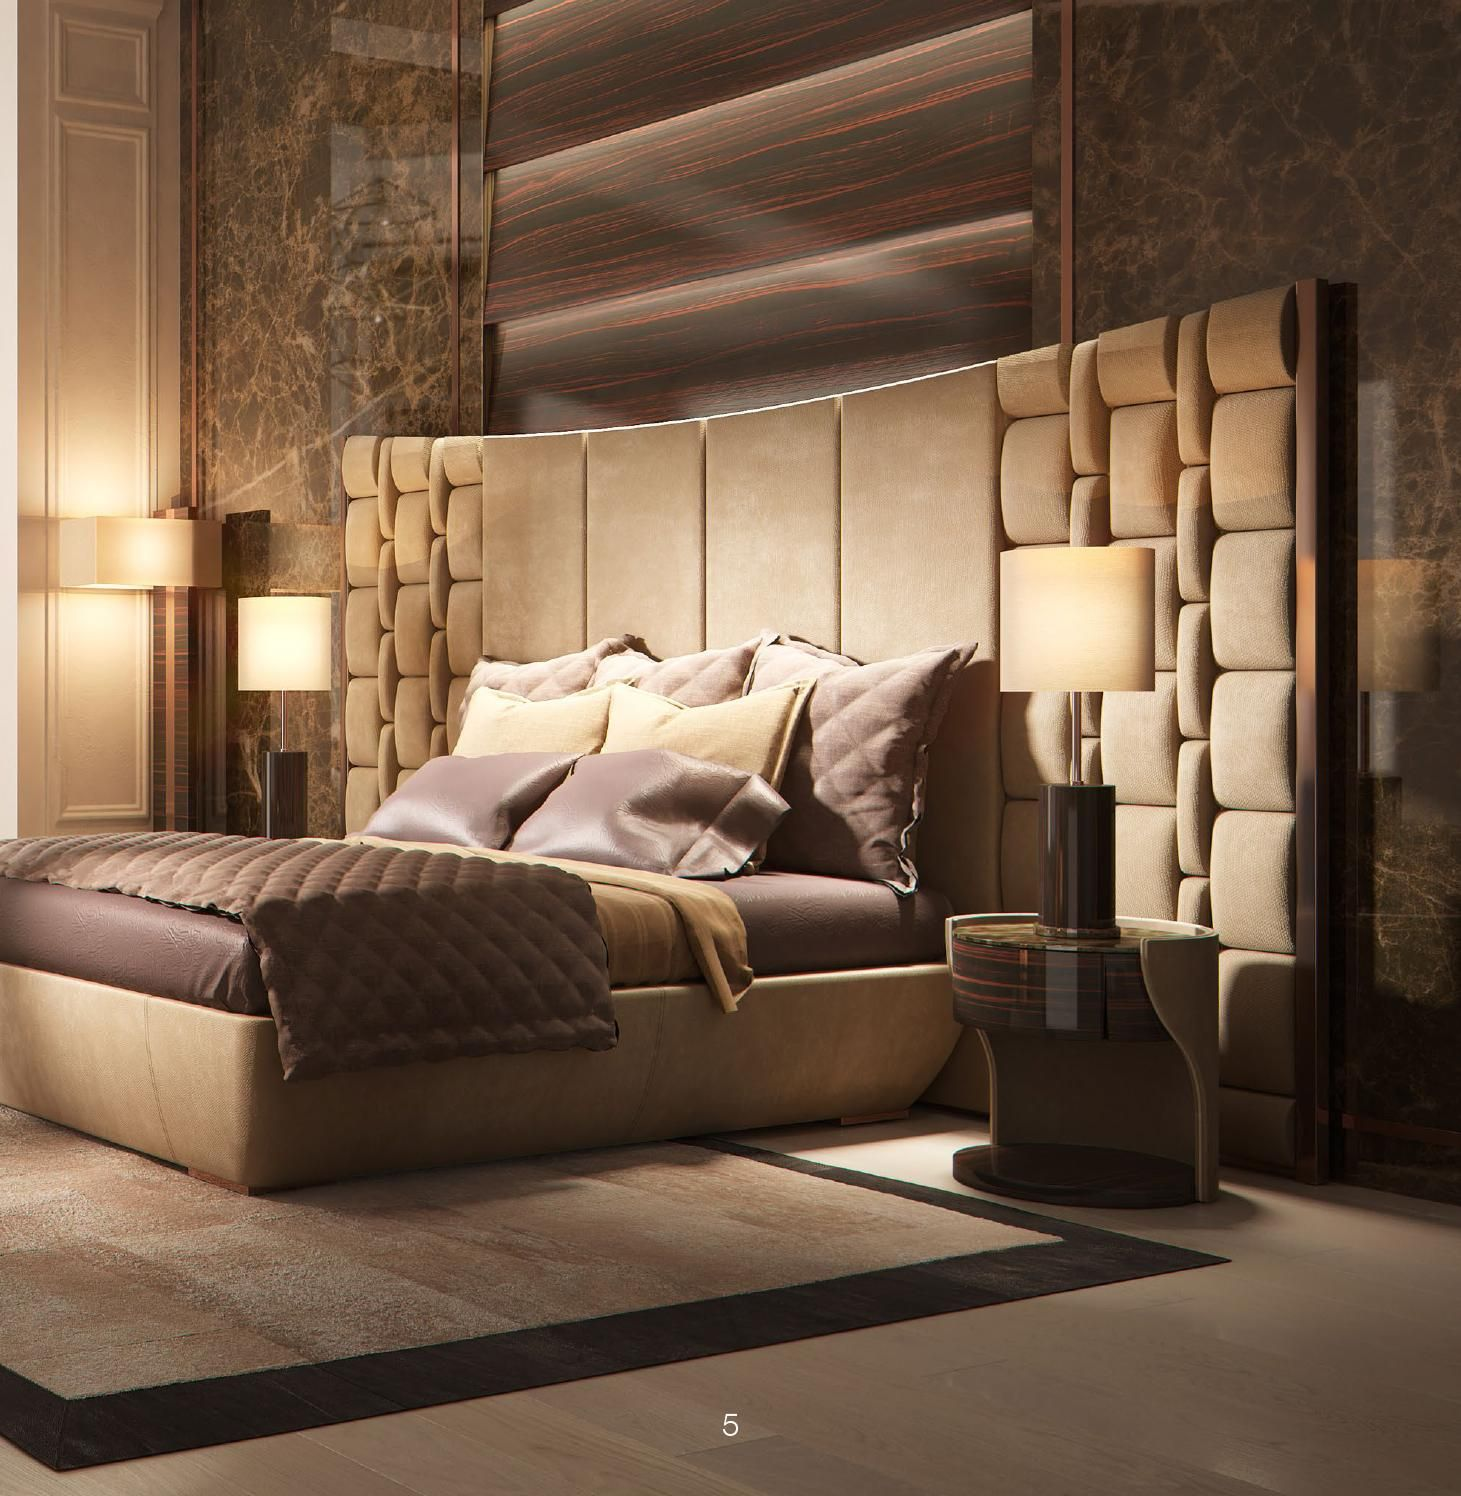 Juliettes Interiors Brochure 2016 In 2019 Luxury Bedroom